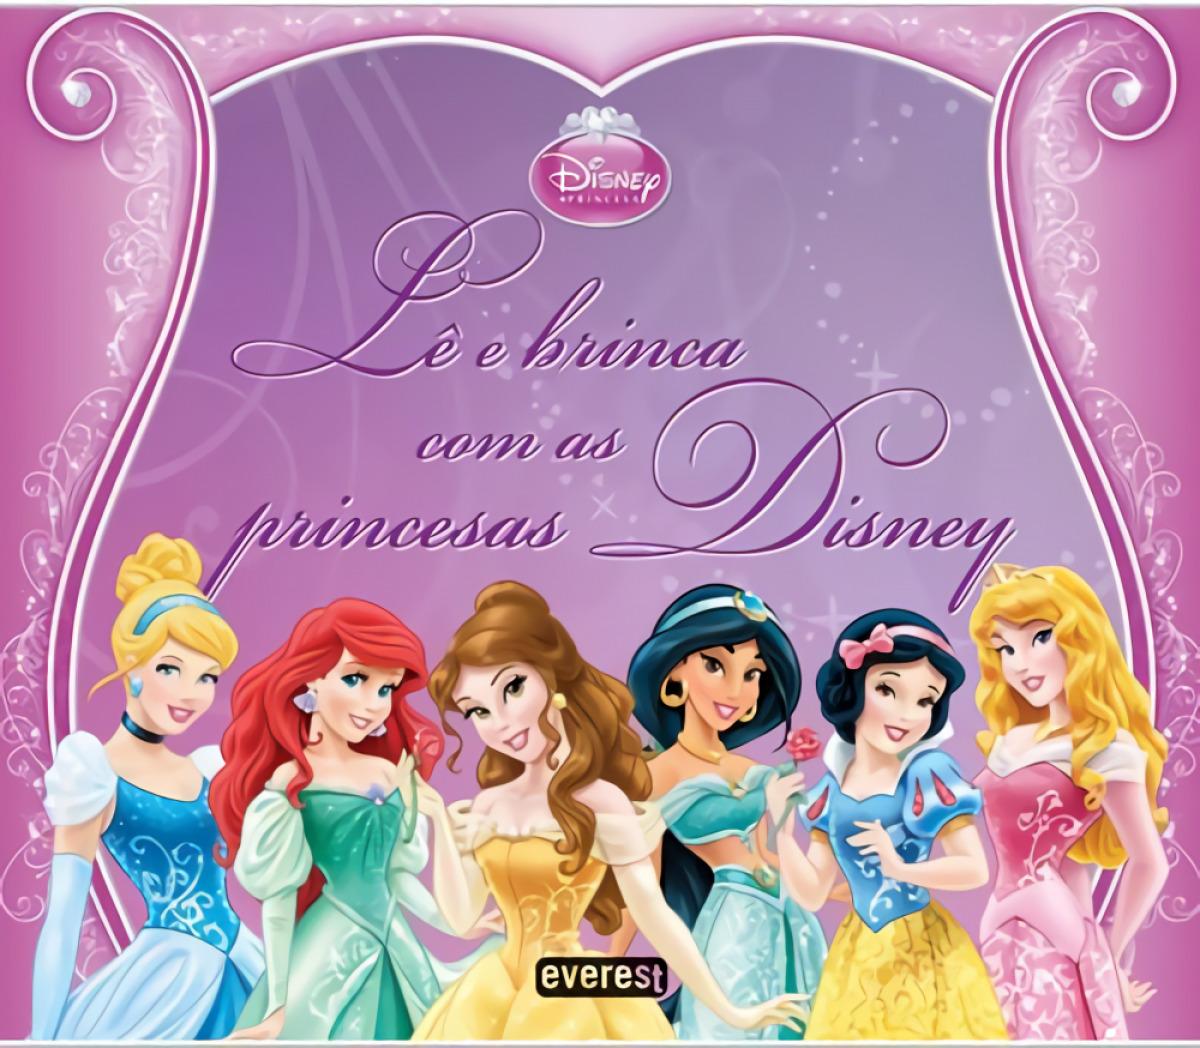 LÊ e brinca com as princesas disney - Vv.Aa.